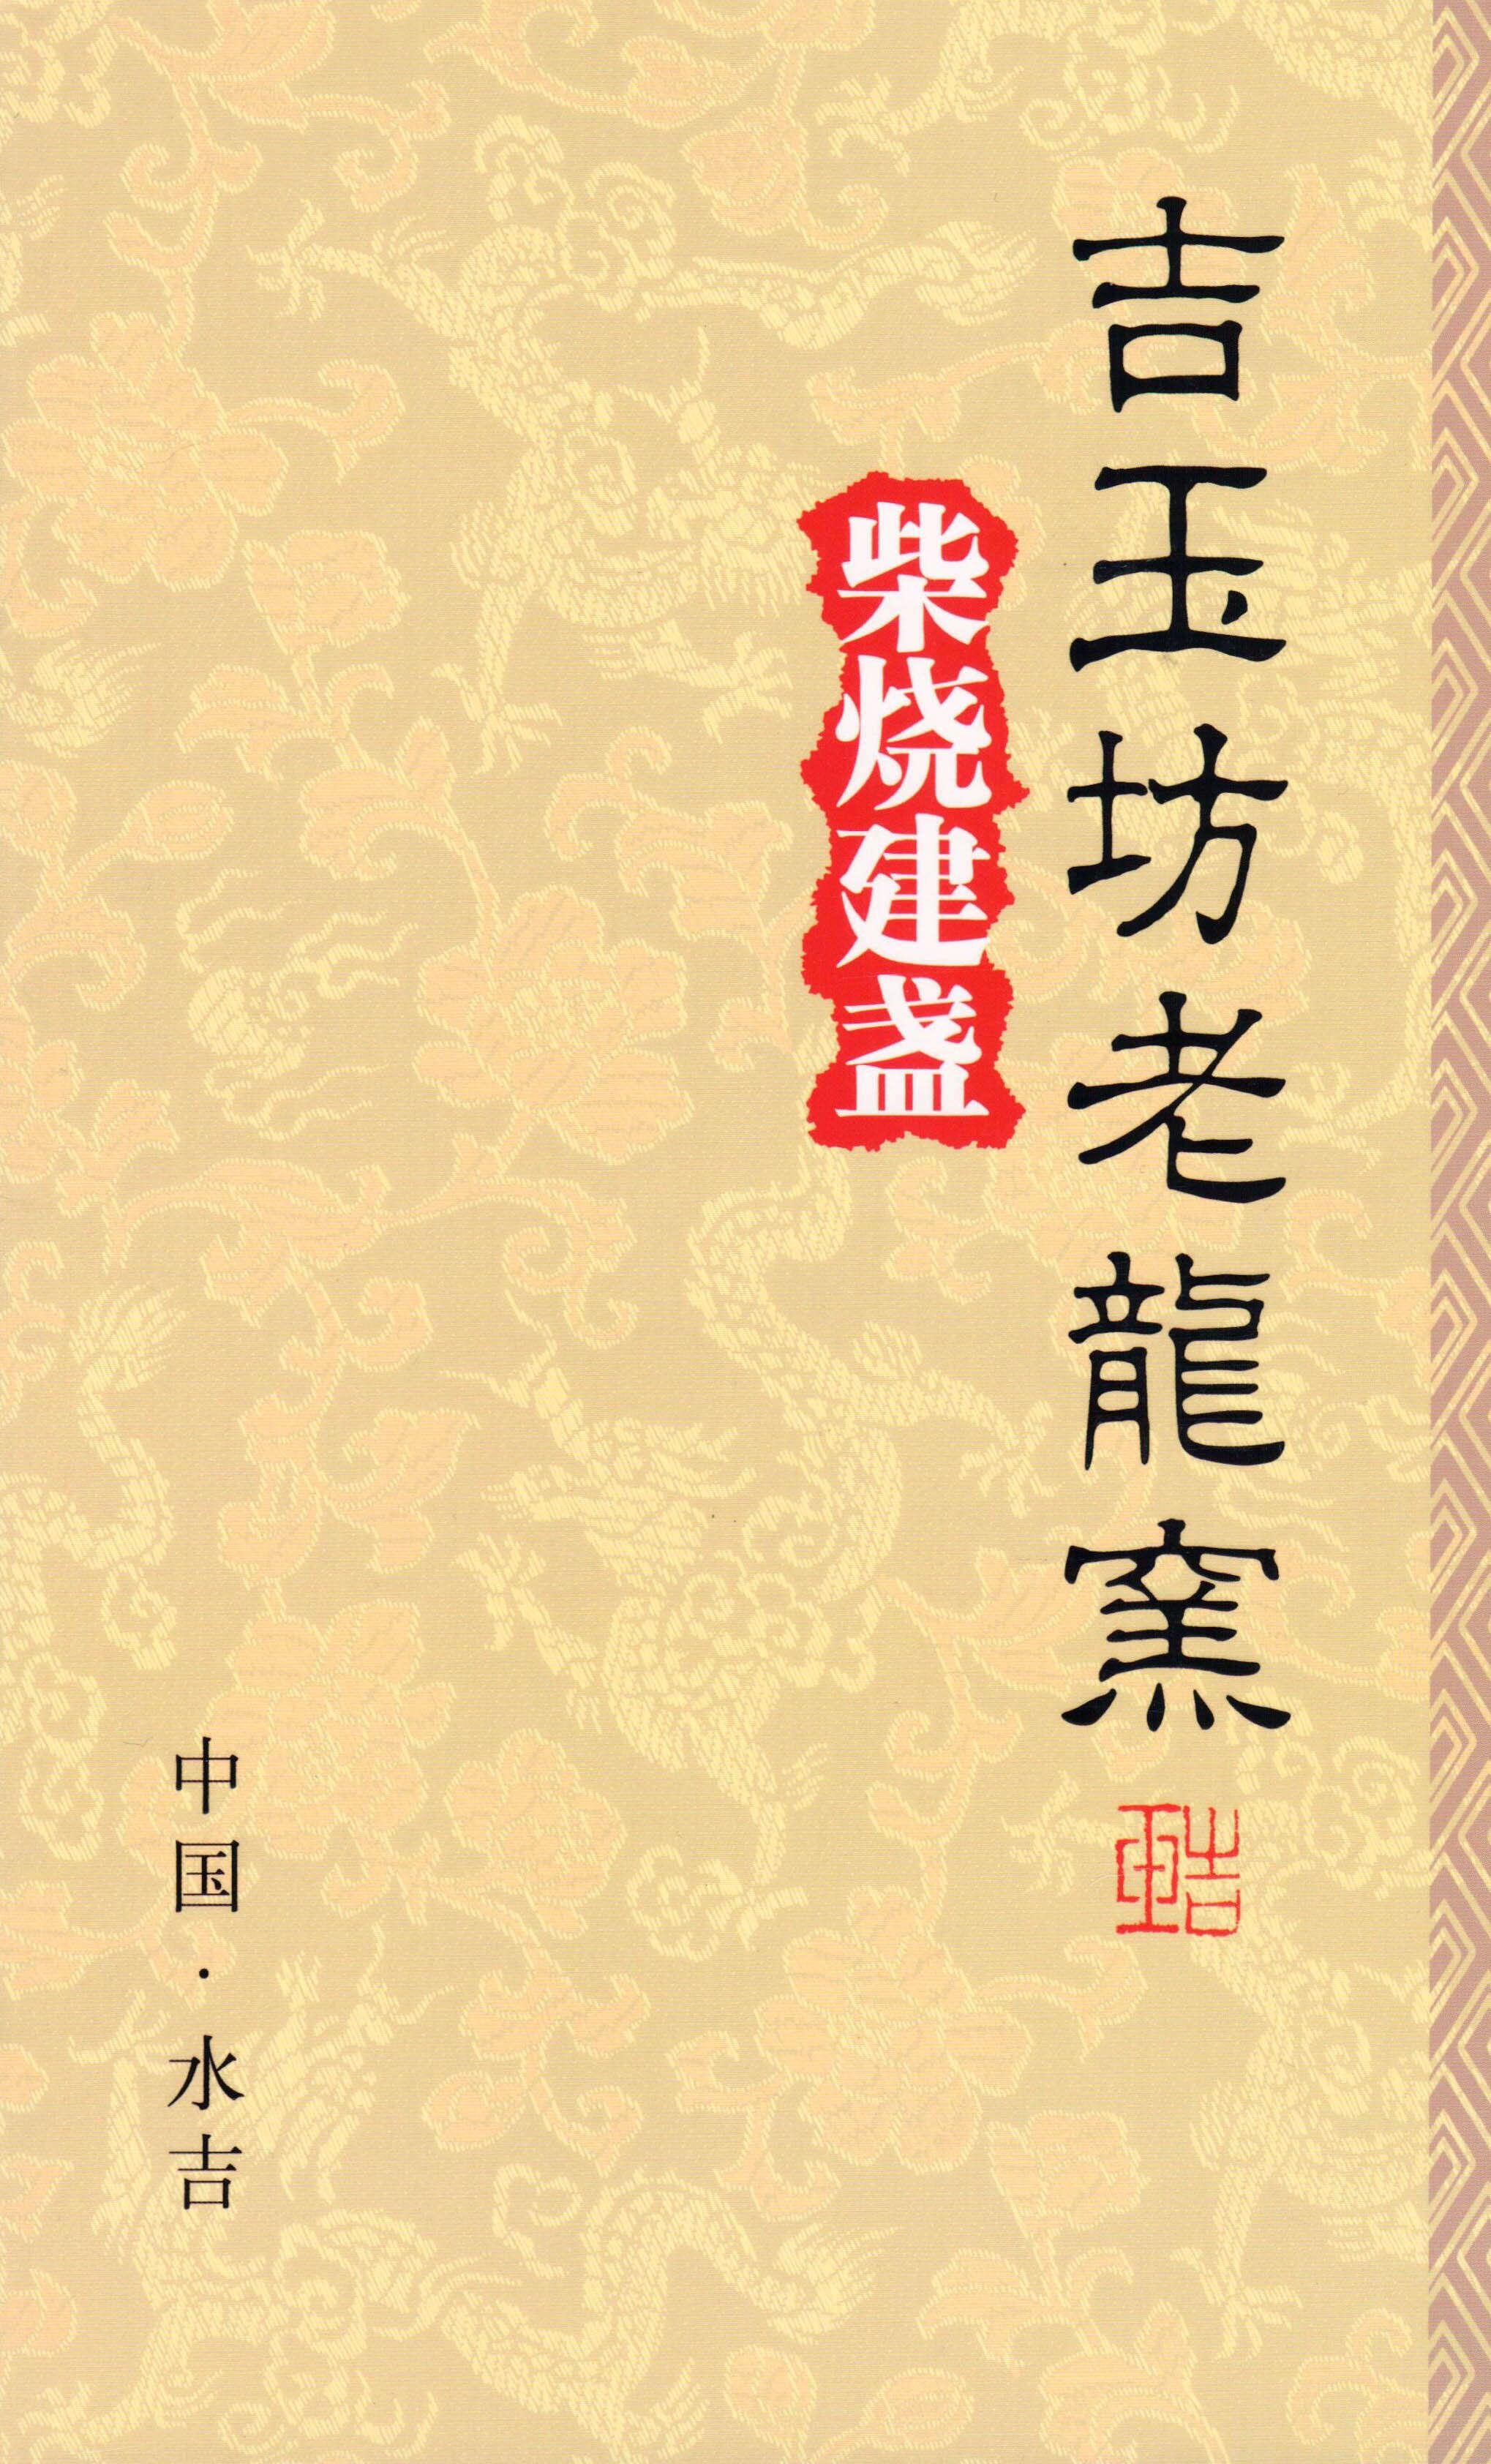 jiyufang_laolongyao-1